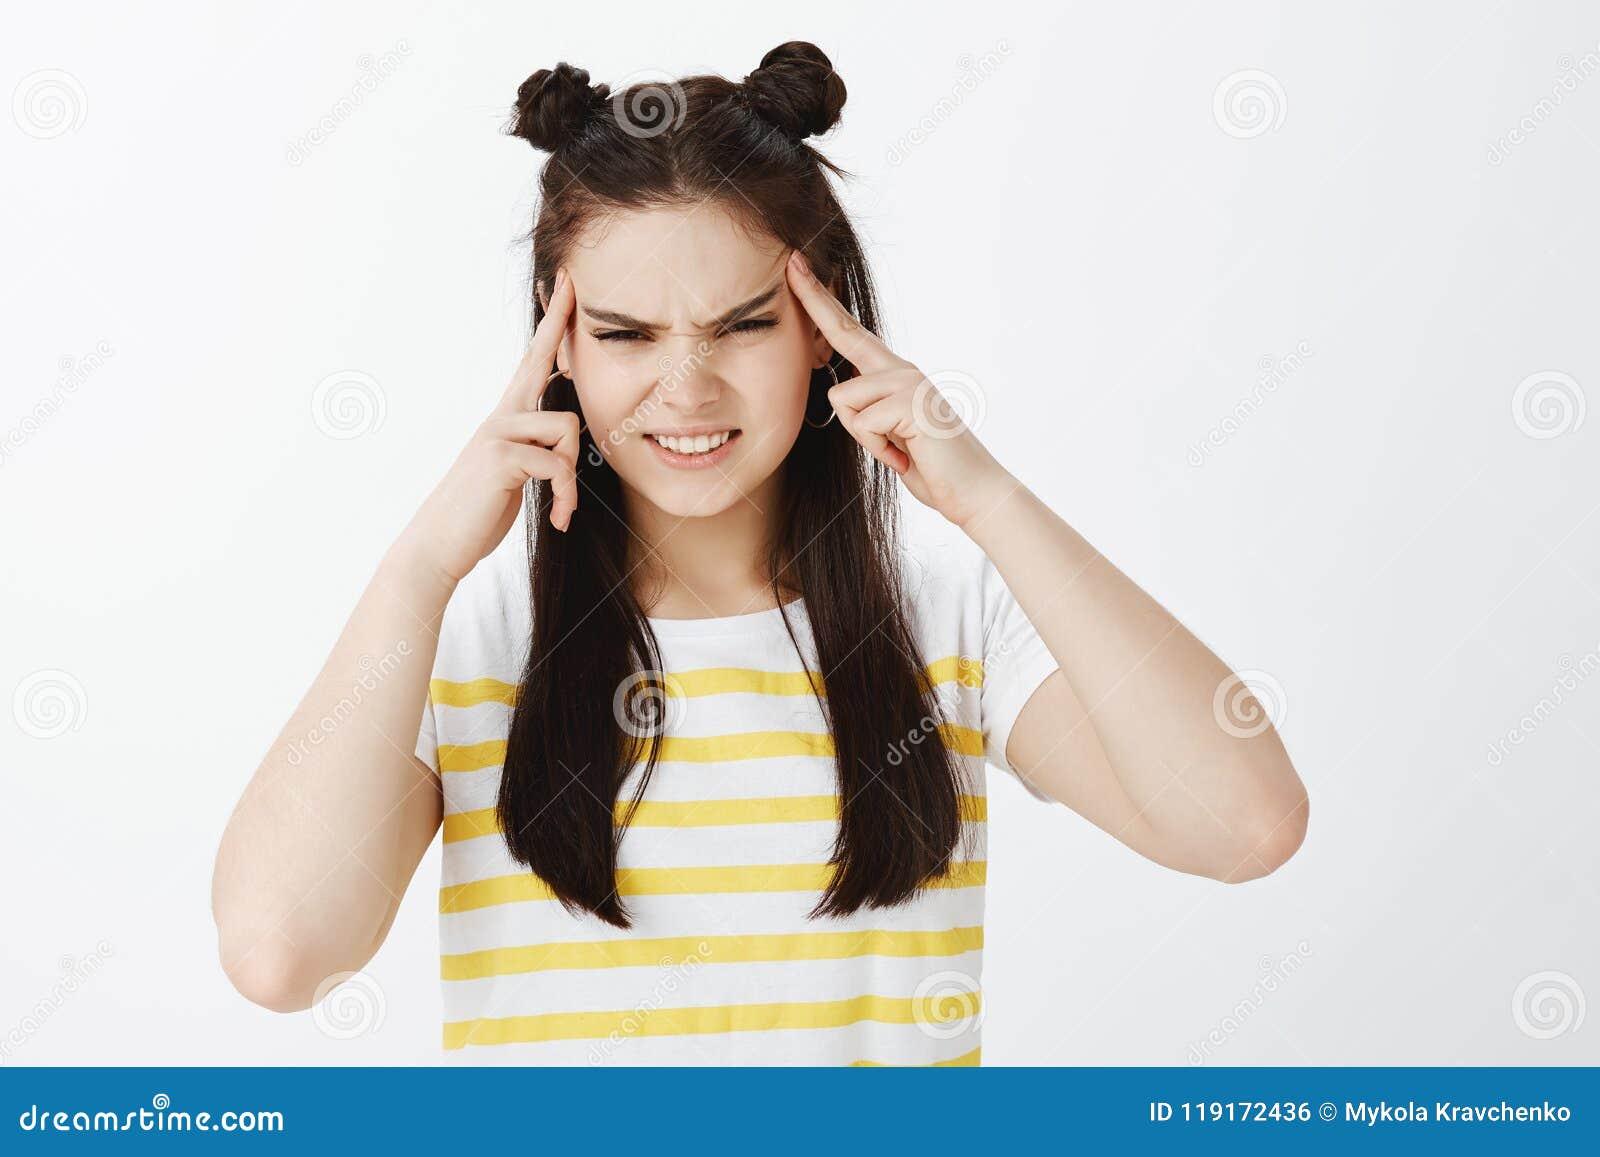 Το έντονο πιεσμένο χαριτωμένο κορίτσι στην καθιερώνουσα τη μόδα κίτρινη μπλούζα, που, κρατώντας τα δάχτυλα στους ναούς, προσπάθει